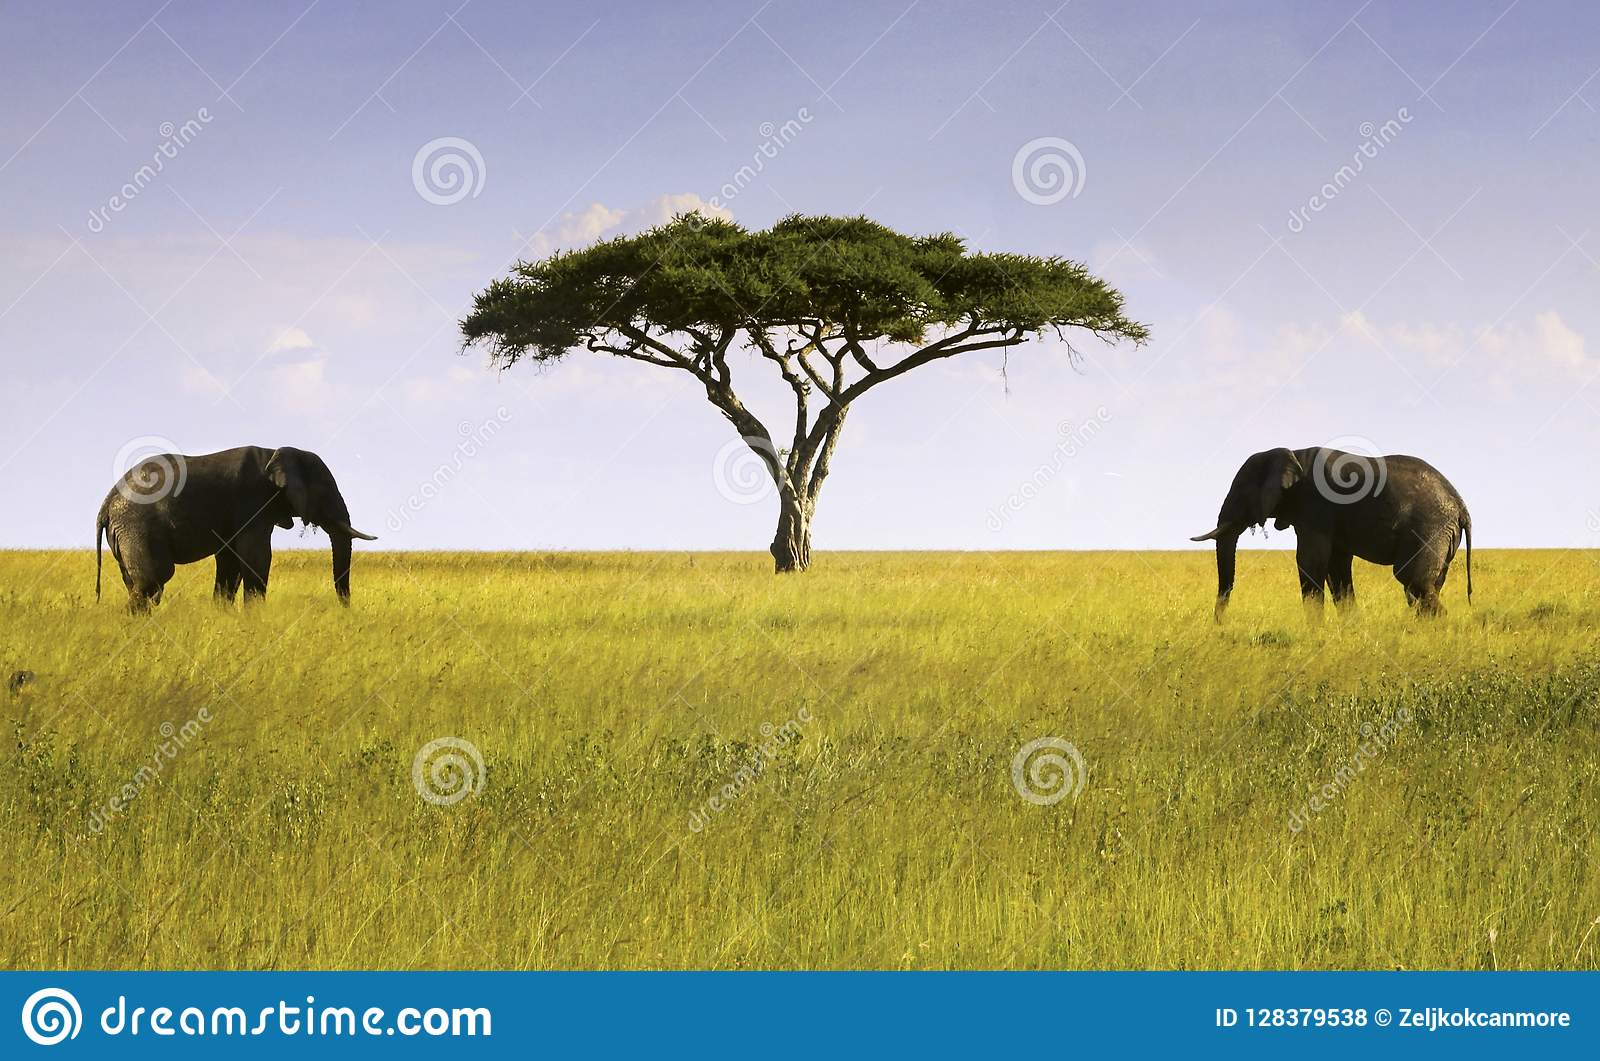 Zwei Elefanten lokalisierten Akazien-Baum-Afrikaner Savannah Serengeti Tanzania